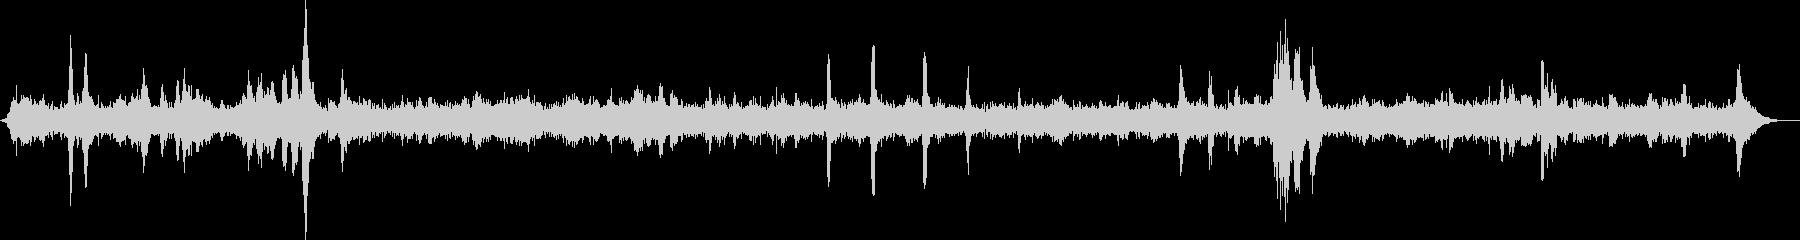 滝と鳥の鳴き声 03の未再生の波形